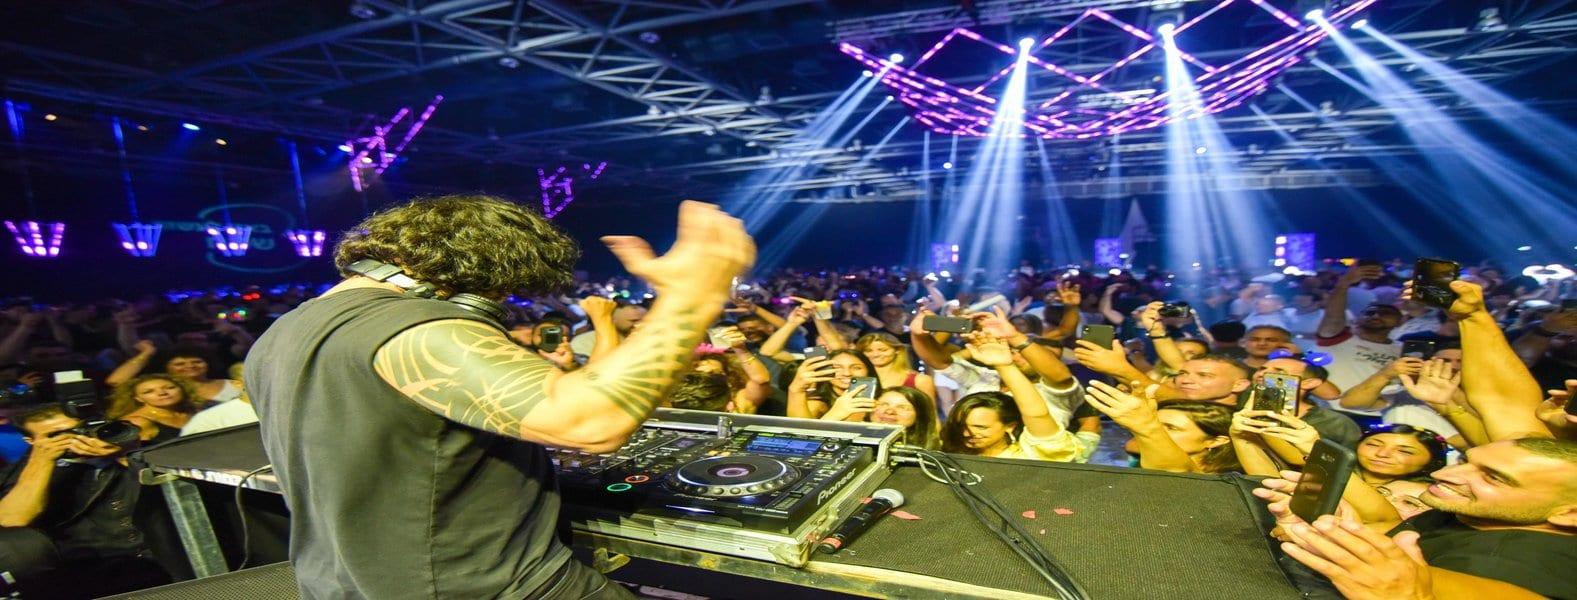 תמונת השער של חברות הפקה גדולות. DJ סקאזי עם הקהל באירוע המרכזי של חברת בזק